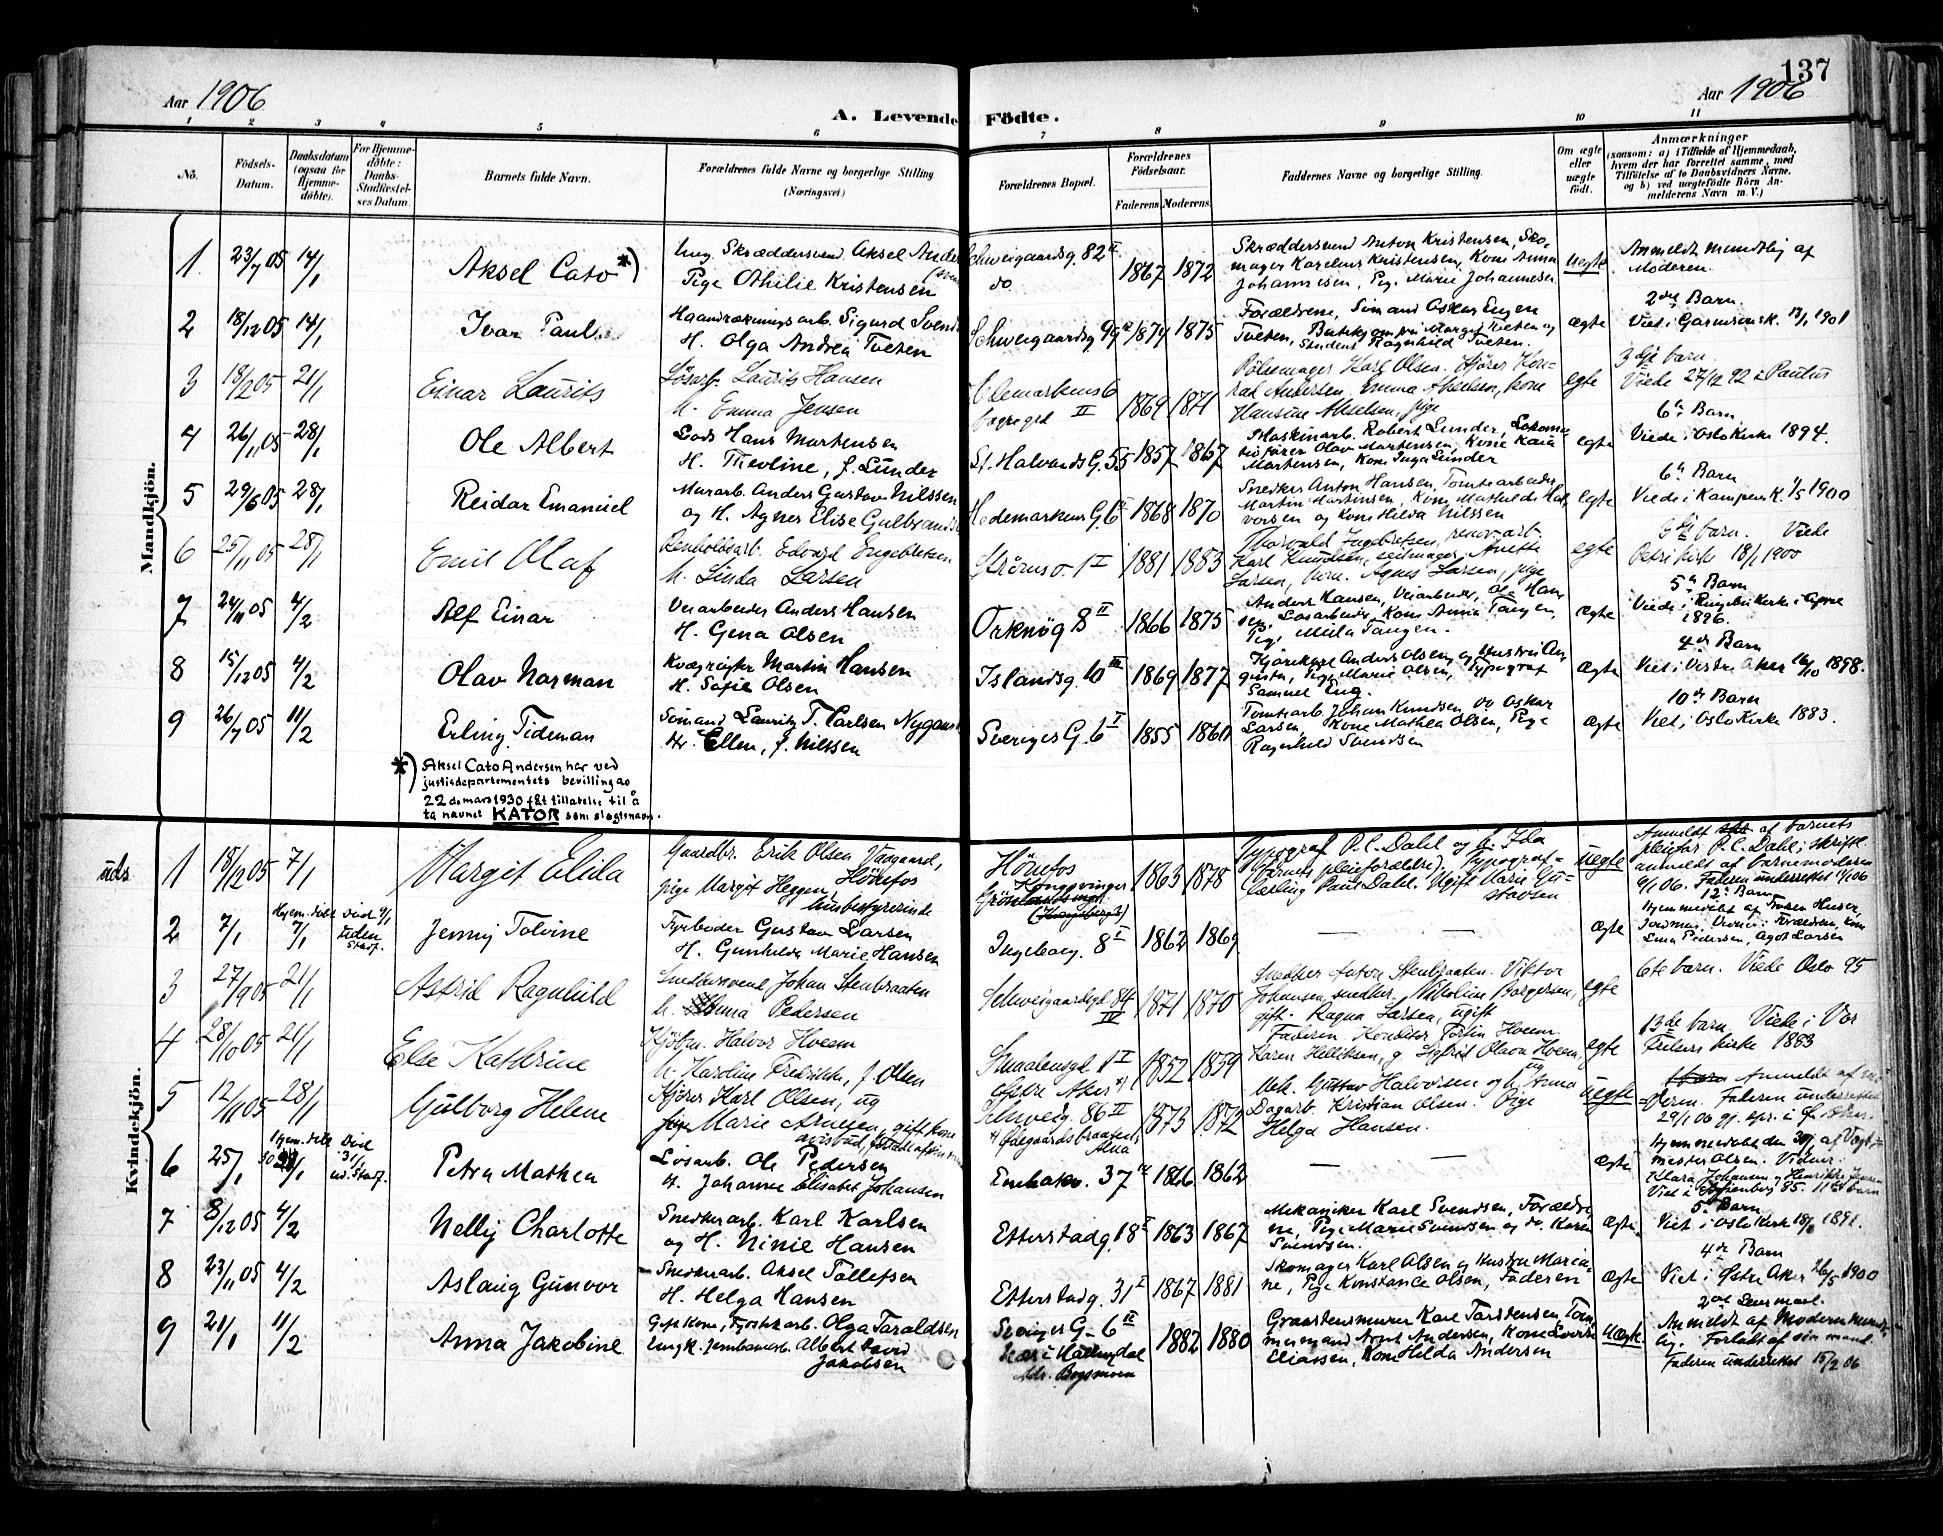 SAO, Vålerengen prestekontor Kirkebøker, F/Fa/L0001: Ministerialbok nr. 1, 1899-1915, s. 137